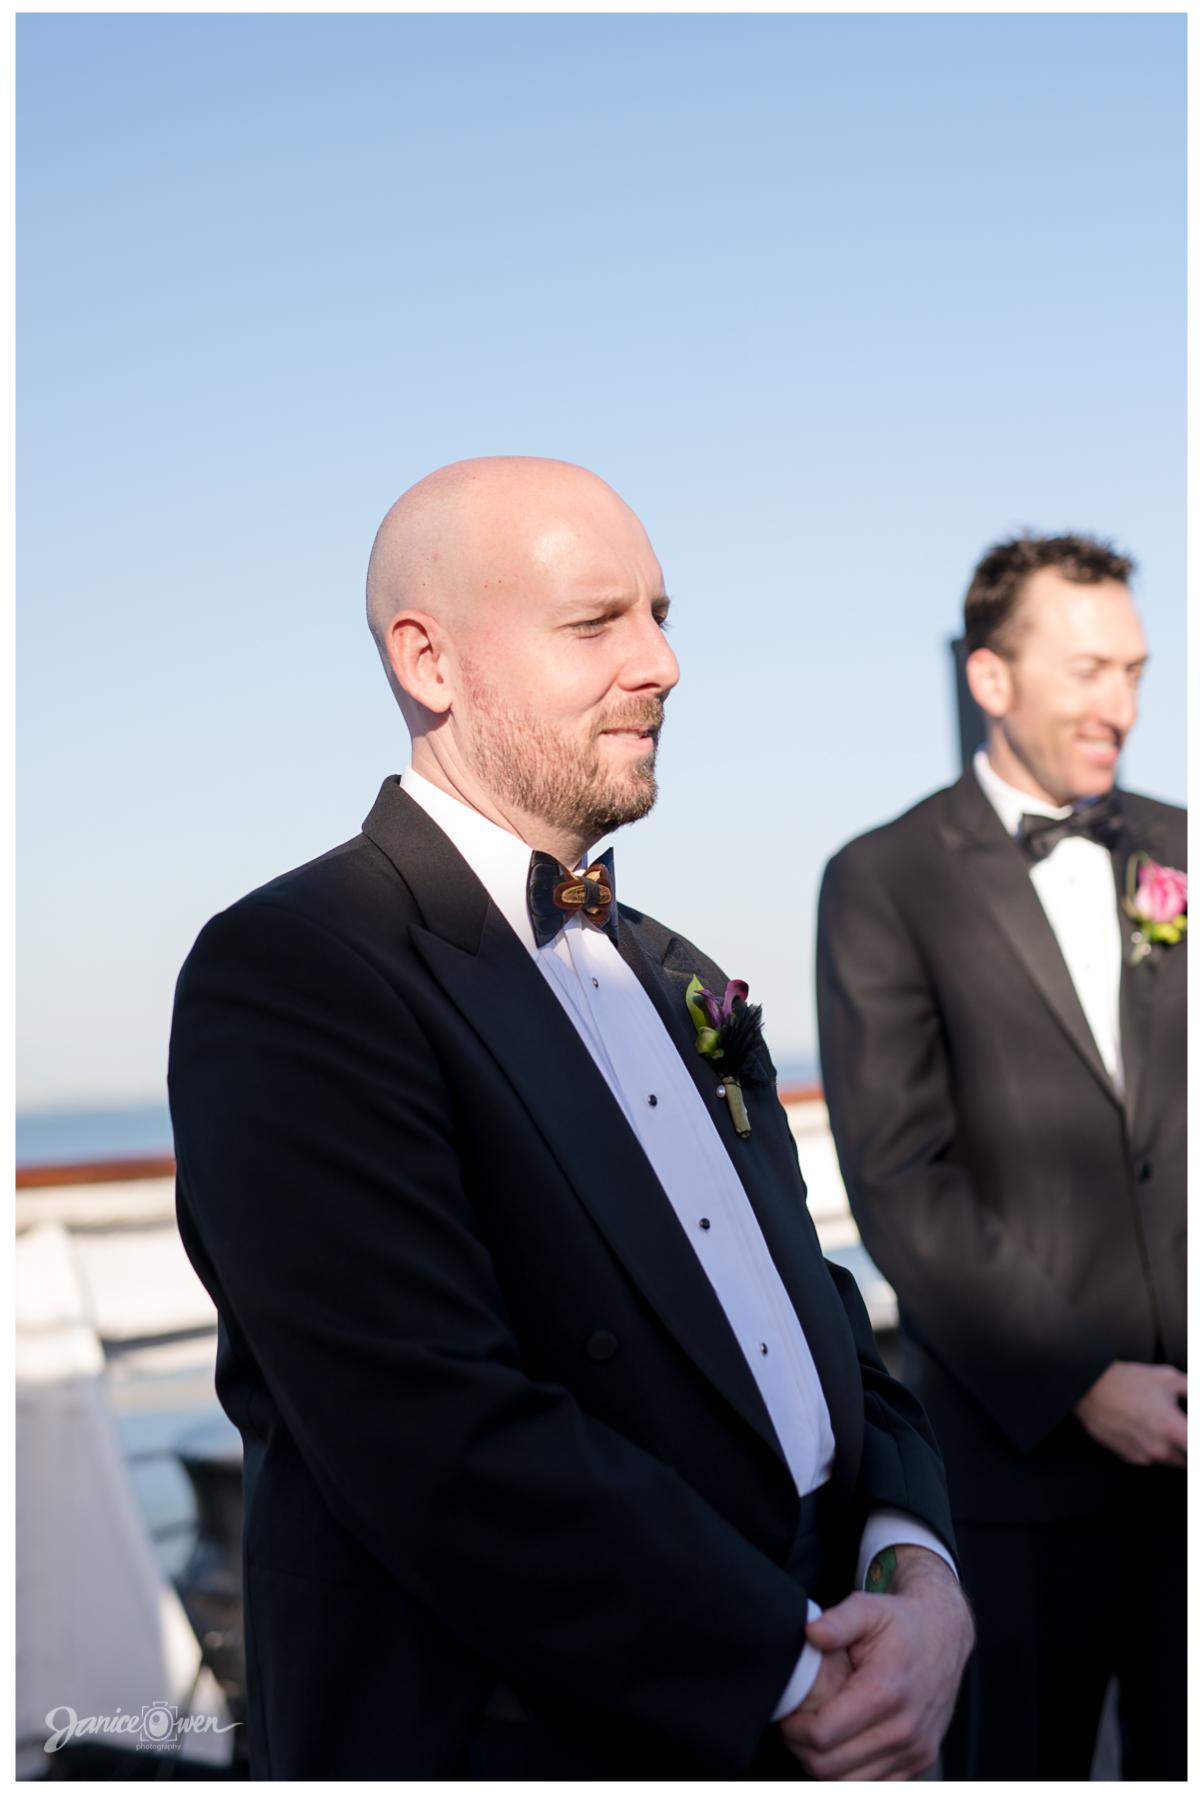 janiceowenphotography_wedding32.jpg